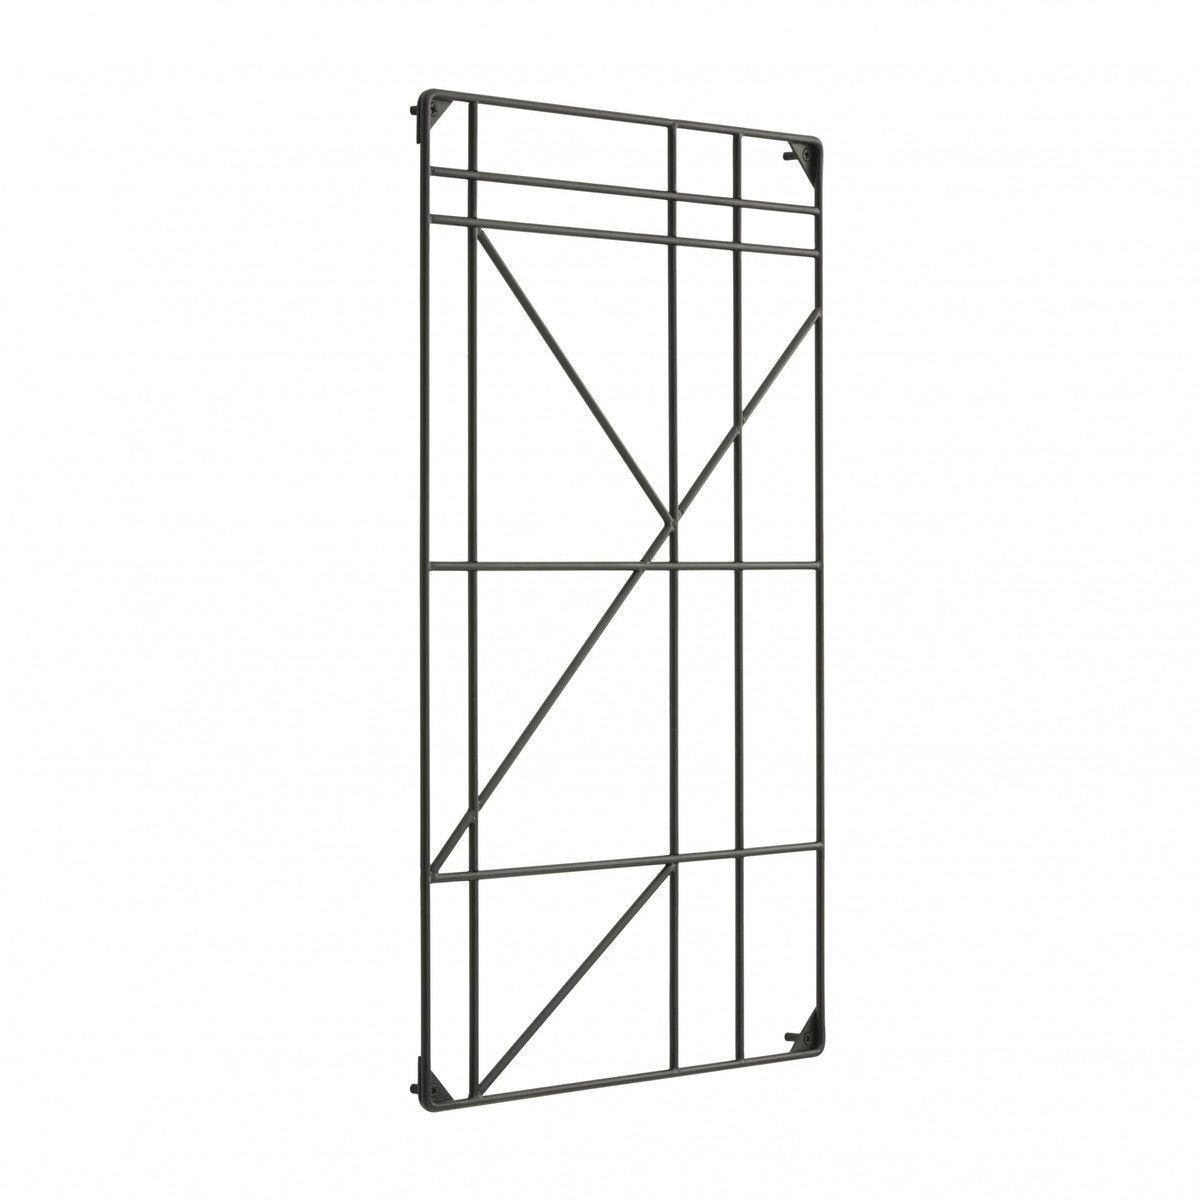 Square rack estanter a para colgar ferm living for Estanteria colgar pared